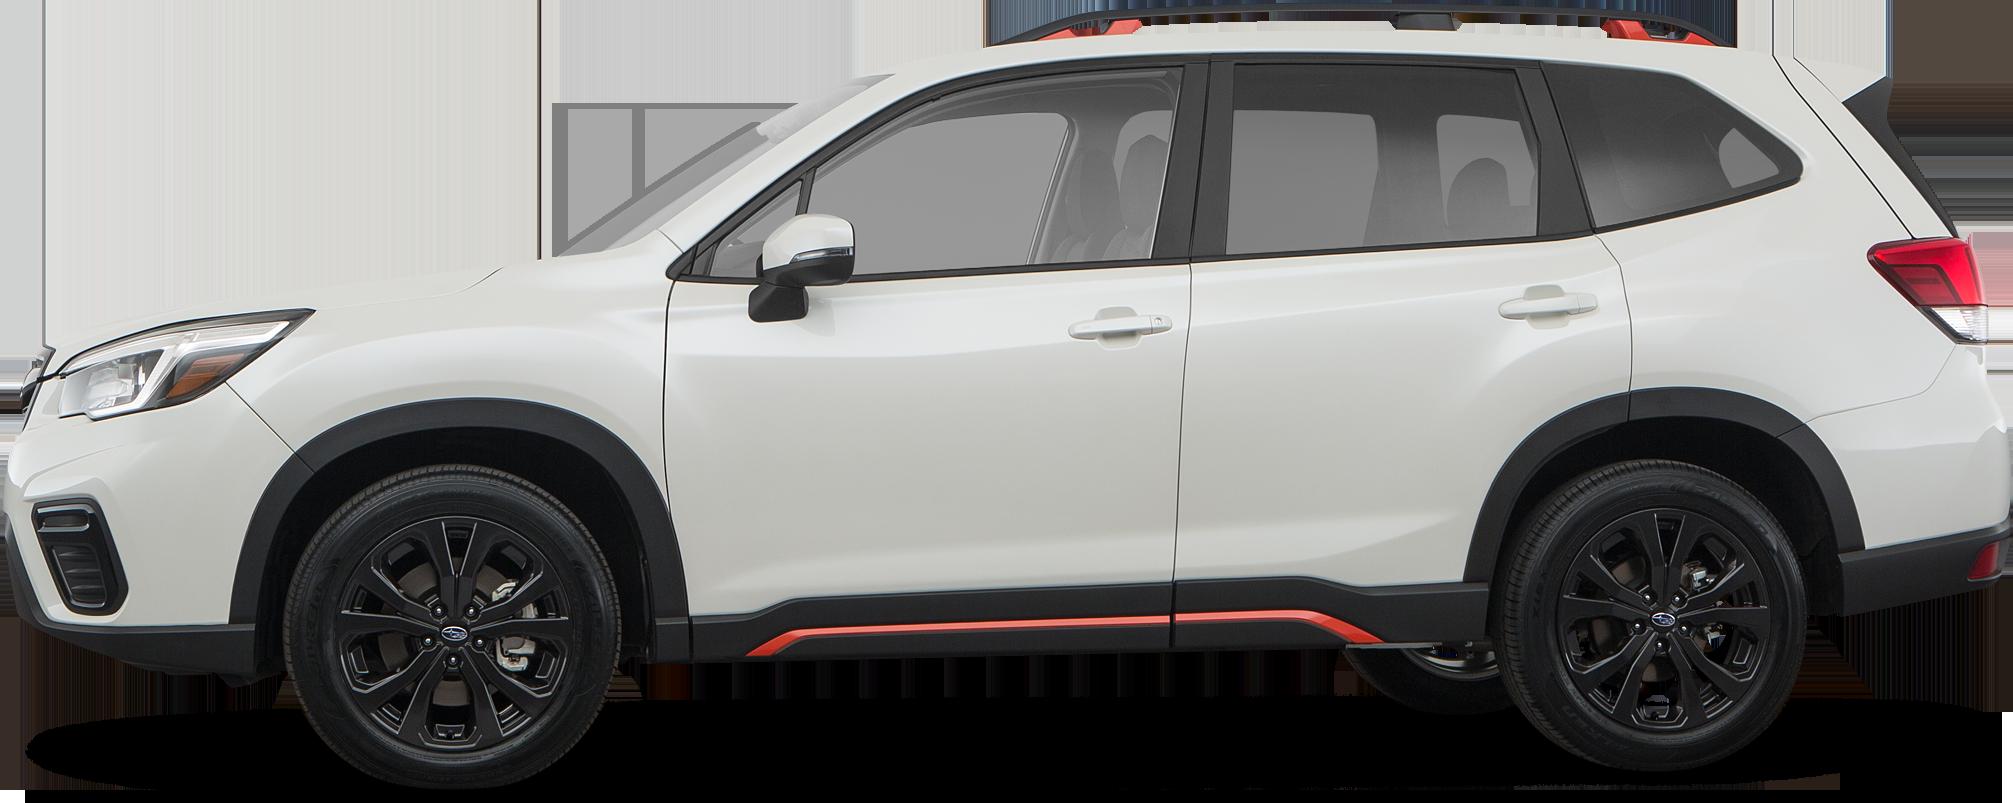 New 2019 Subaru Forester In Columbus Oh At Byers Subaru Dublin